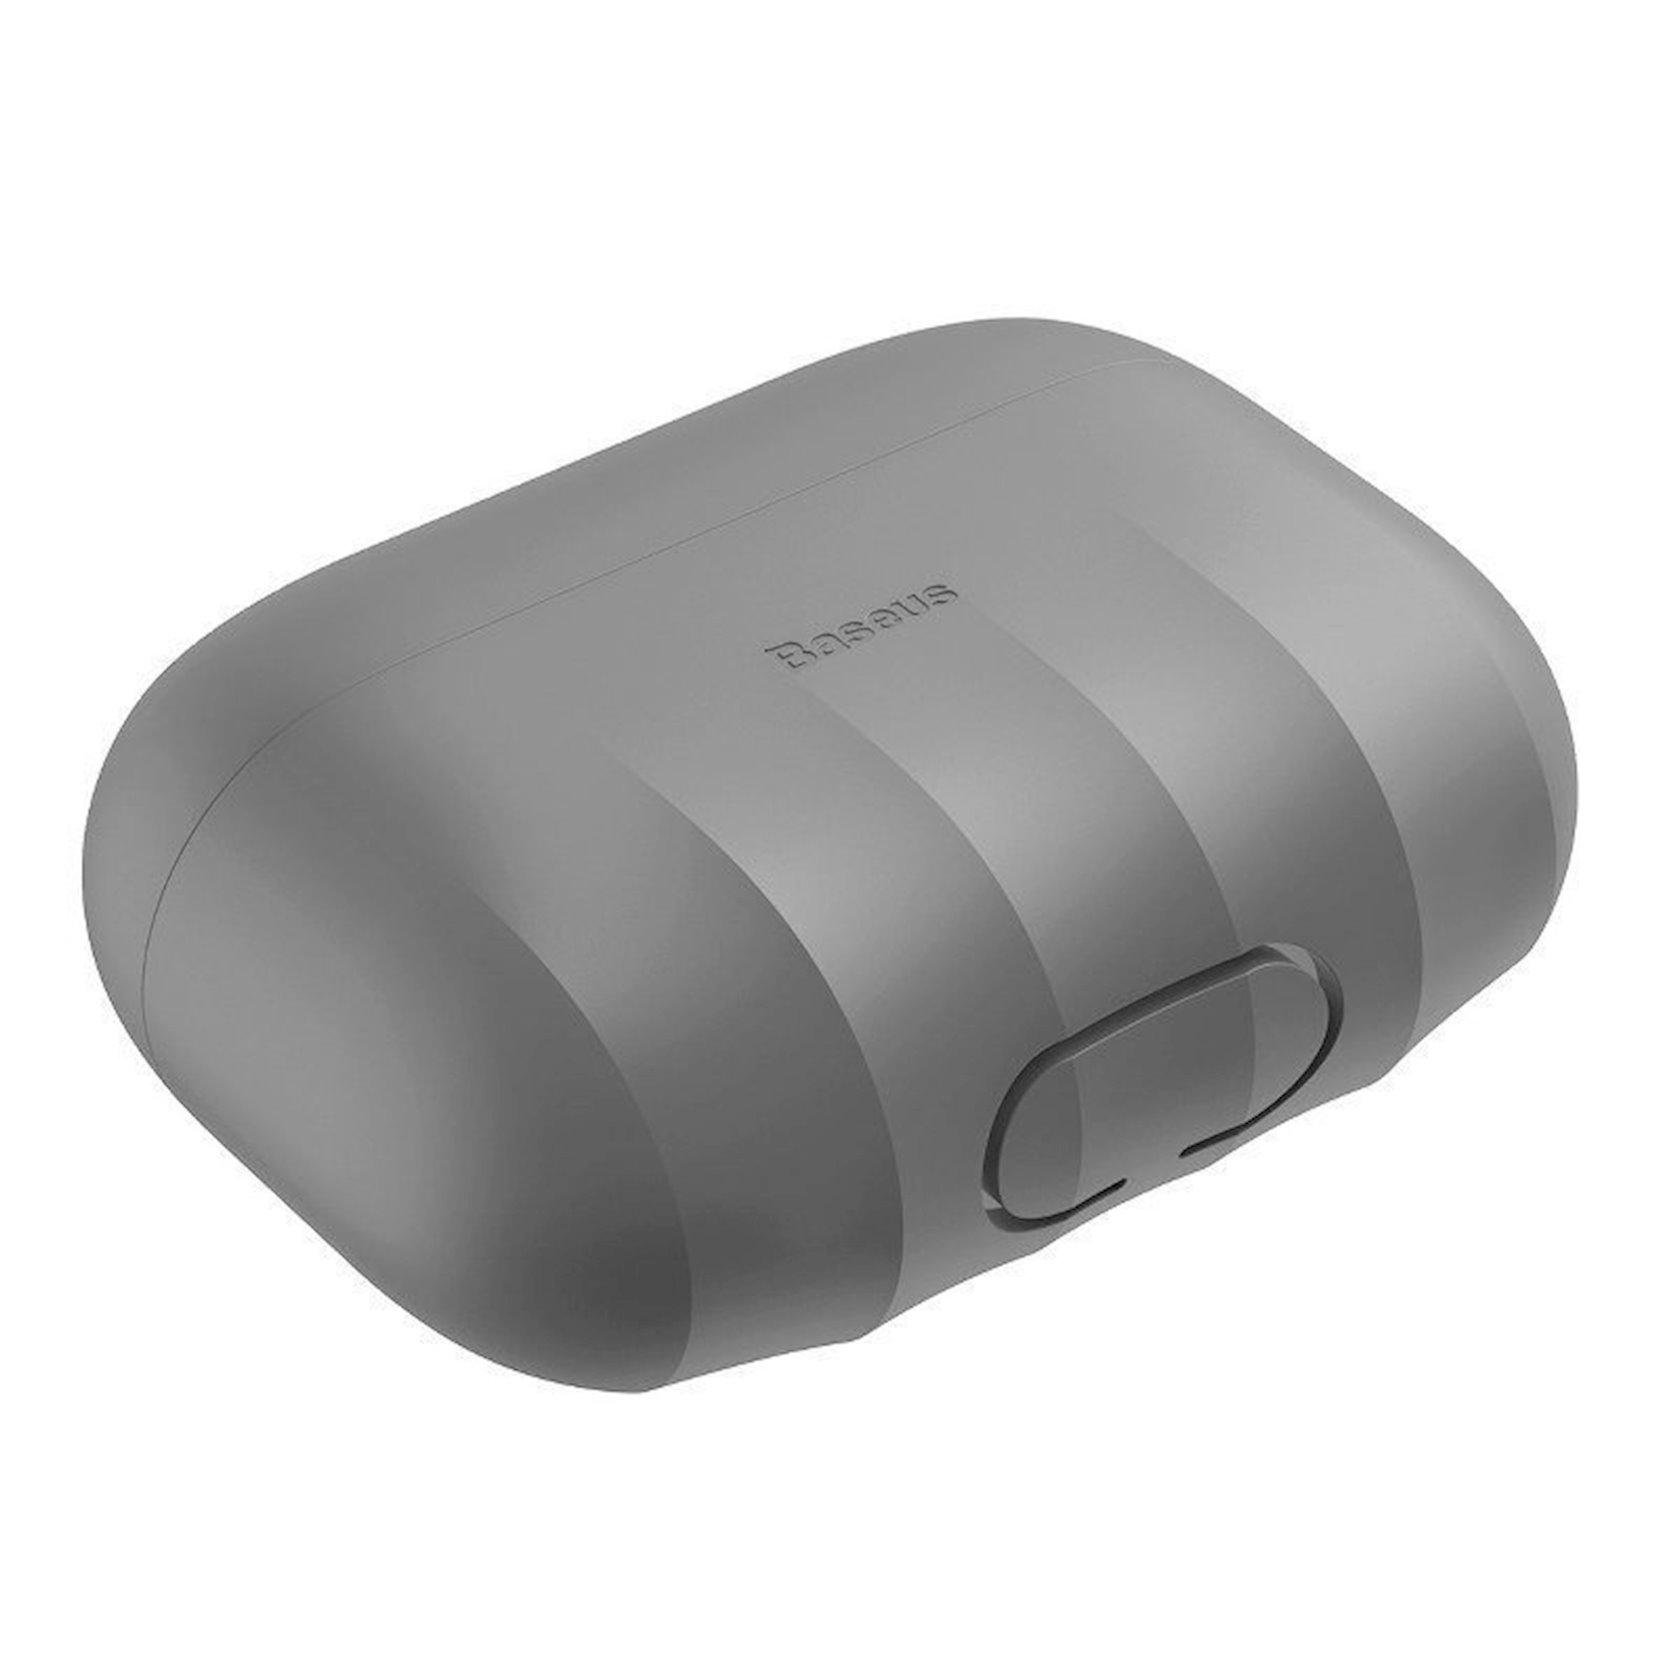 Çexol qulaqlıqlar üçün Baseus Shell Pattern Grey Apple Airpods Pro